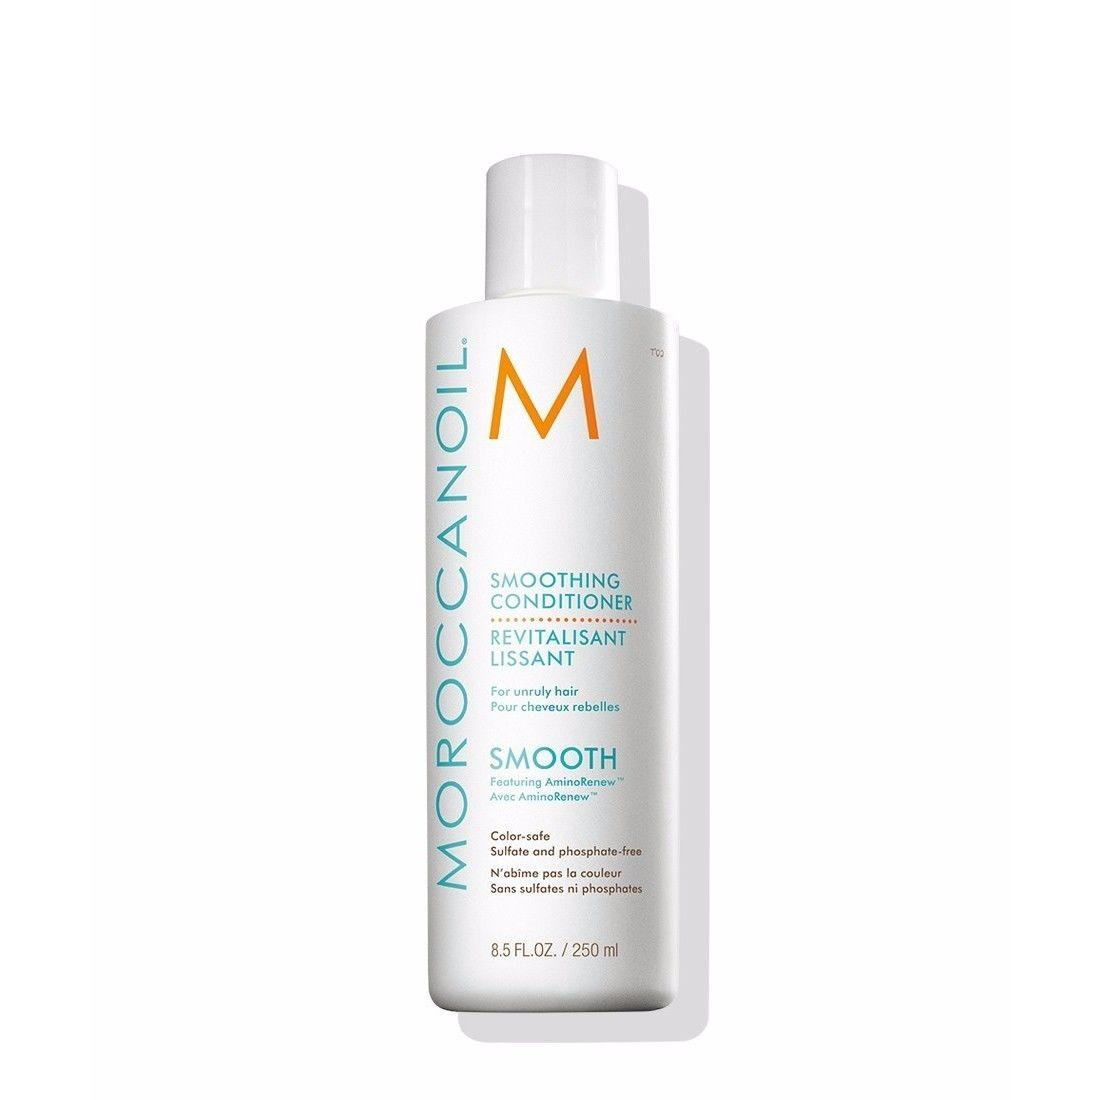 モロッカンオイル Moroccanoil スムージングコンディショナー 250ml  まとまりやすさを追求し、なめらかで扱いやすい髪に整えるコンディショナー